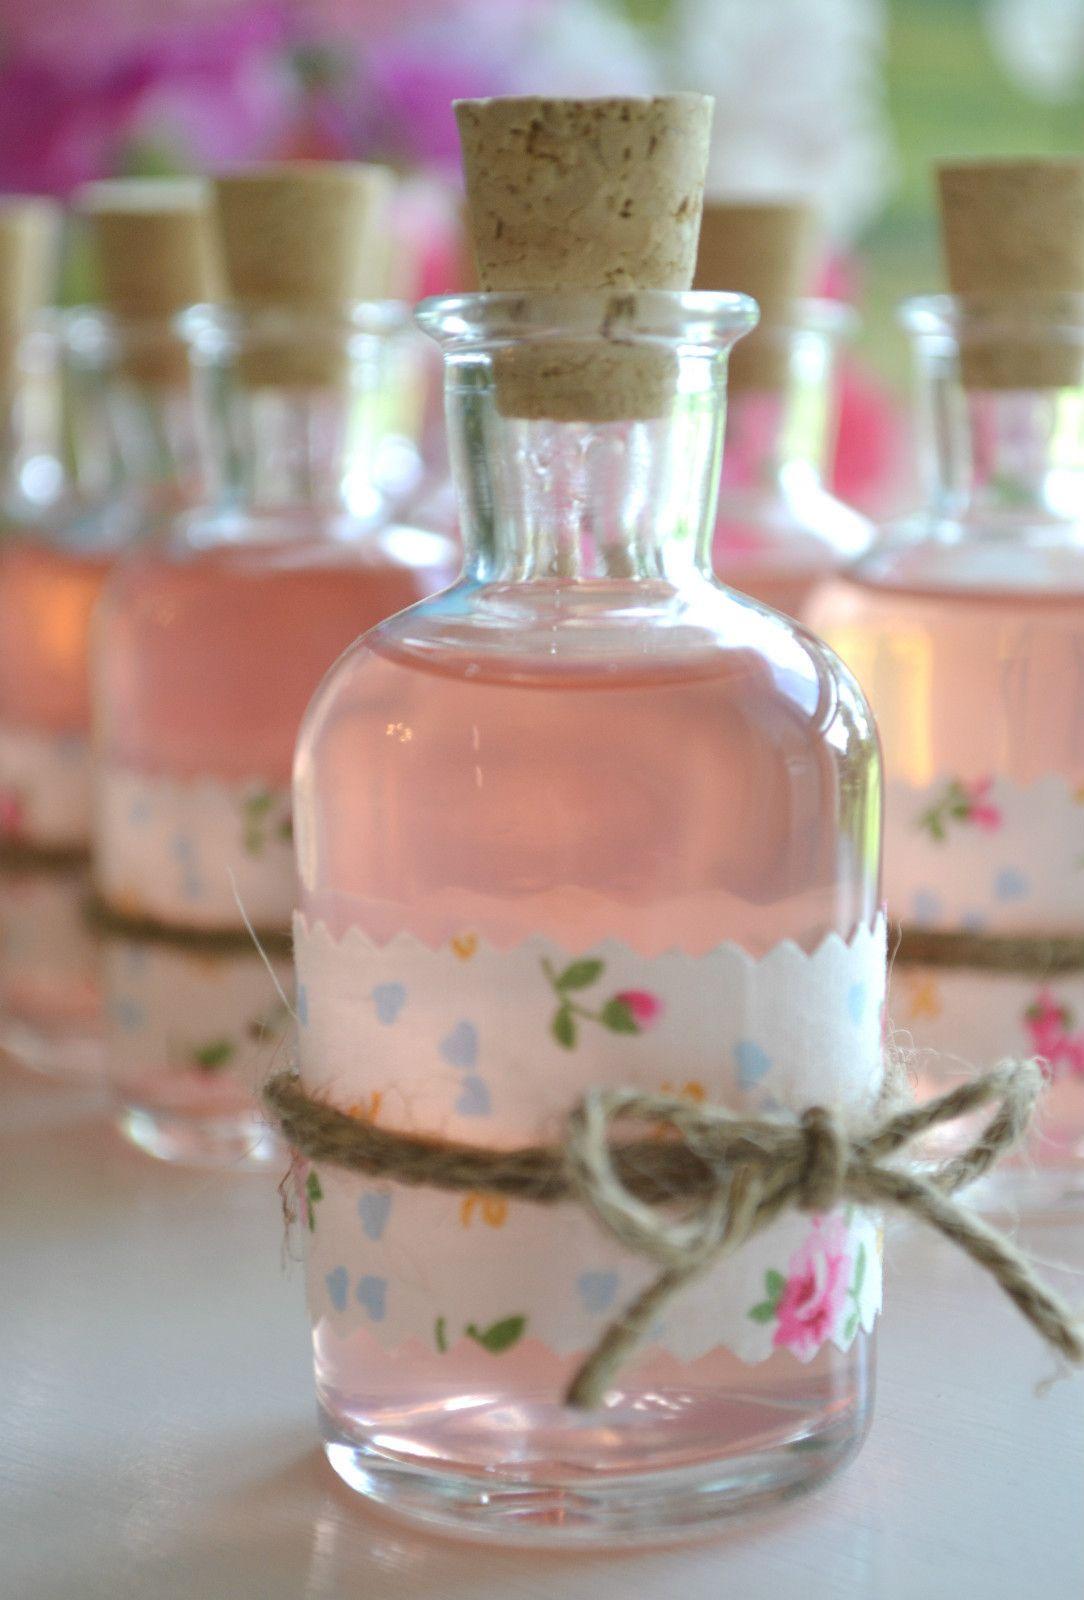 Mini Diy Cork Bottle Wedding Favour For Wine Homemade Vodka Or Pink Lemonade Ebay